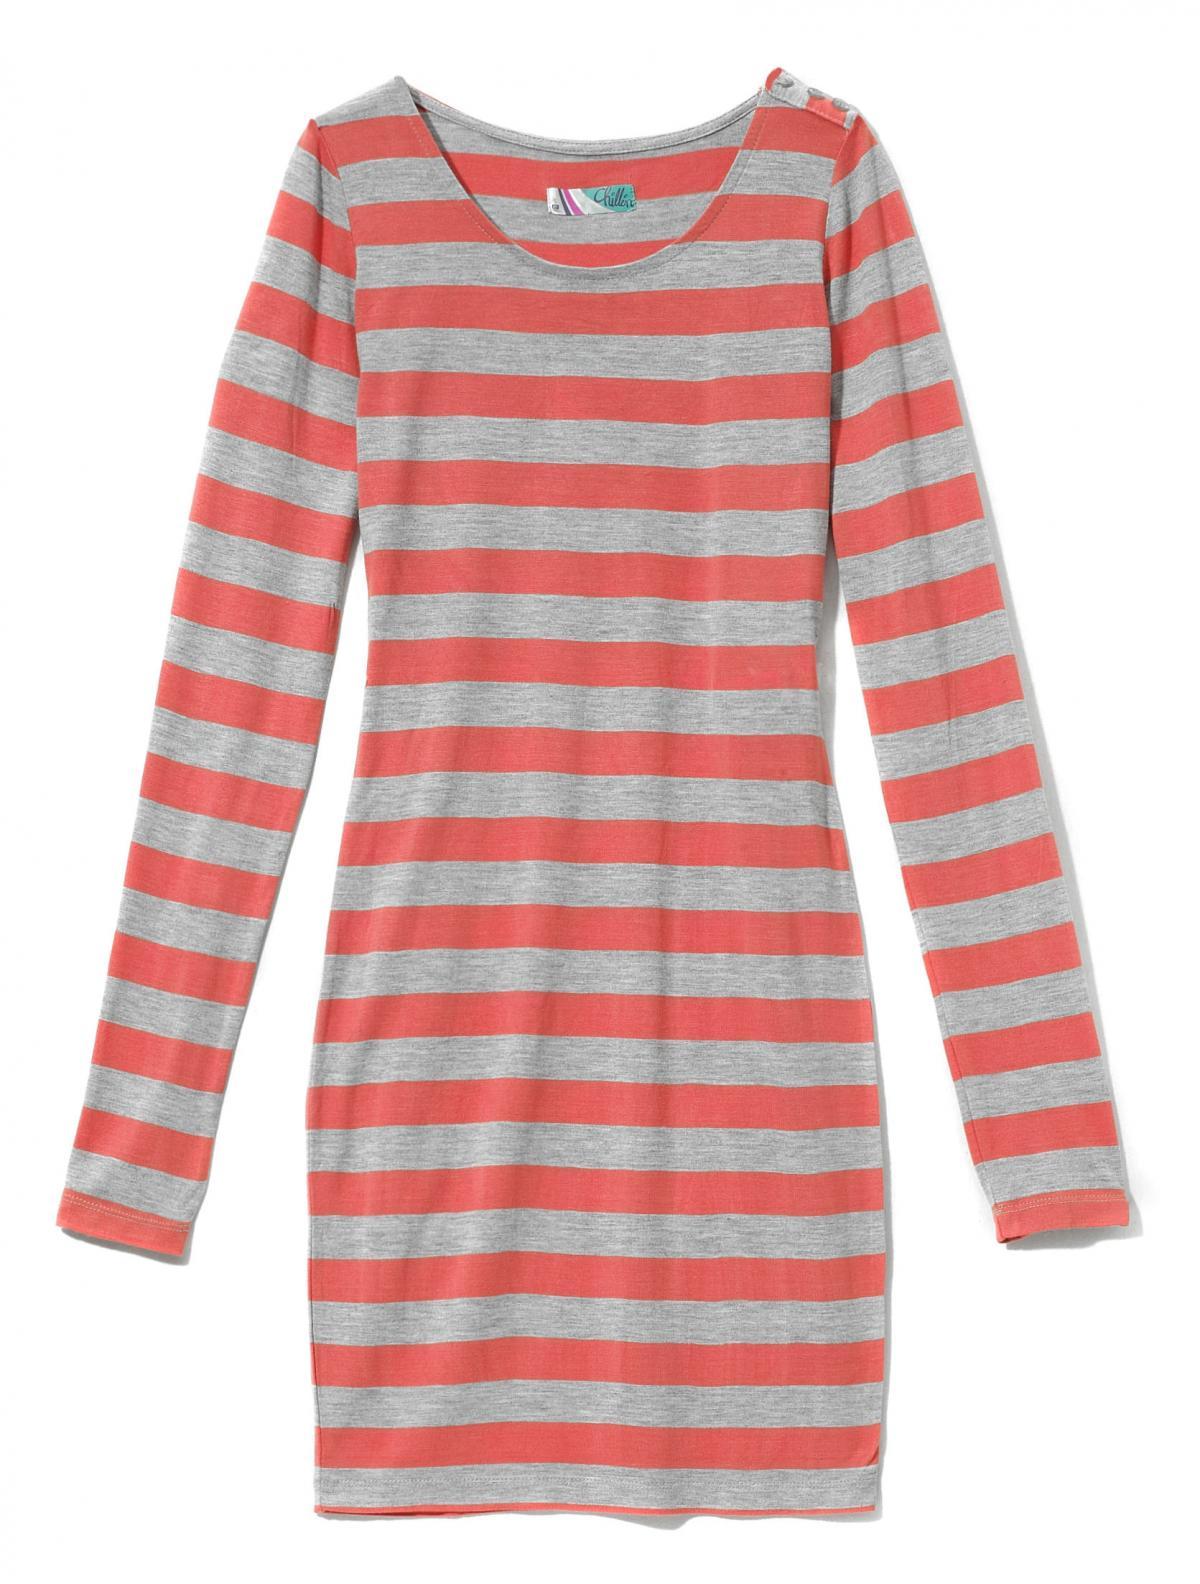 czerwony sweter Cropp w paski - wiosna 2011